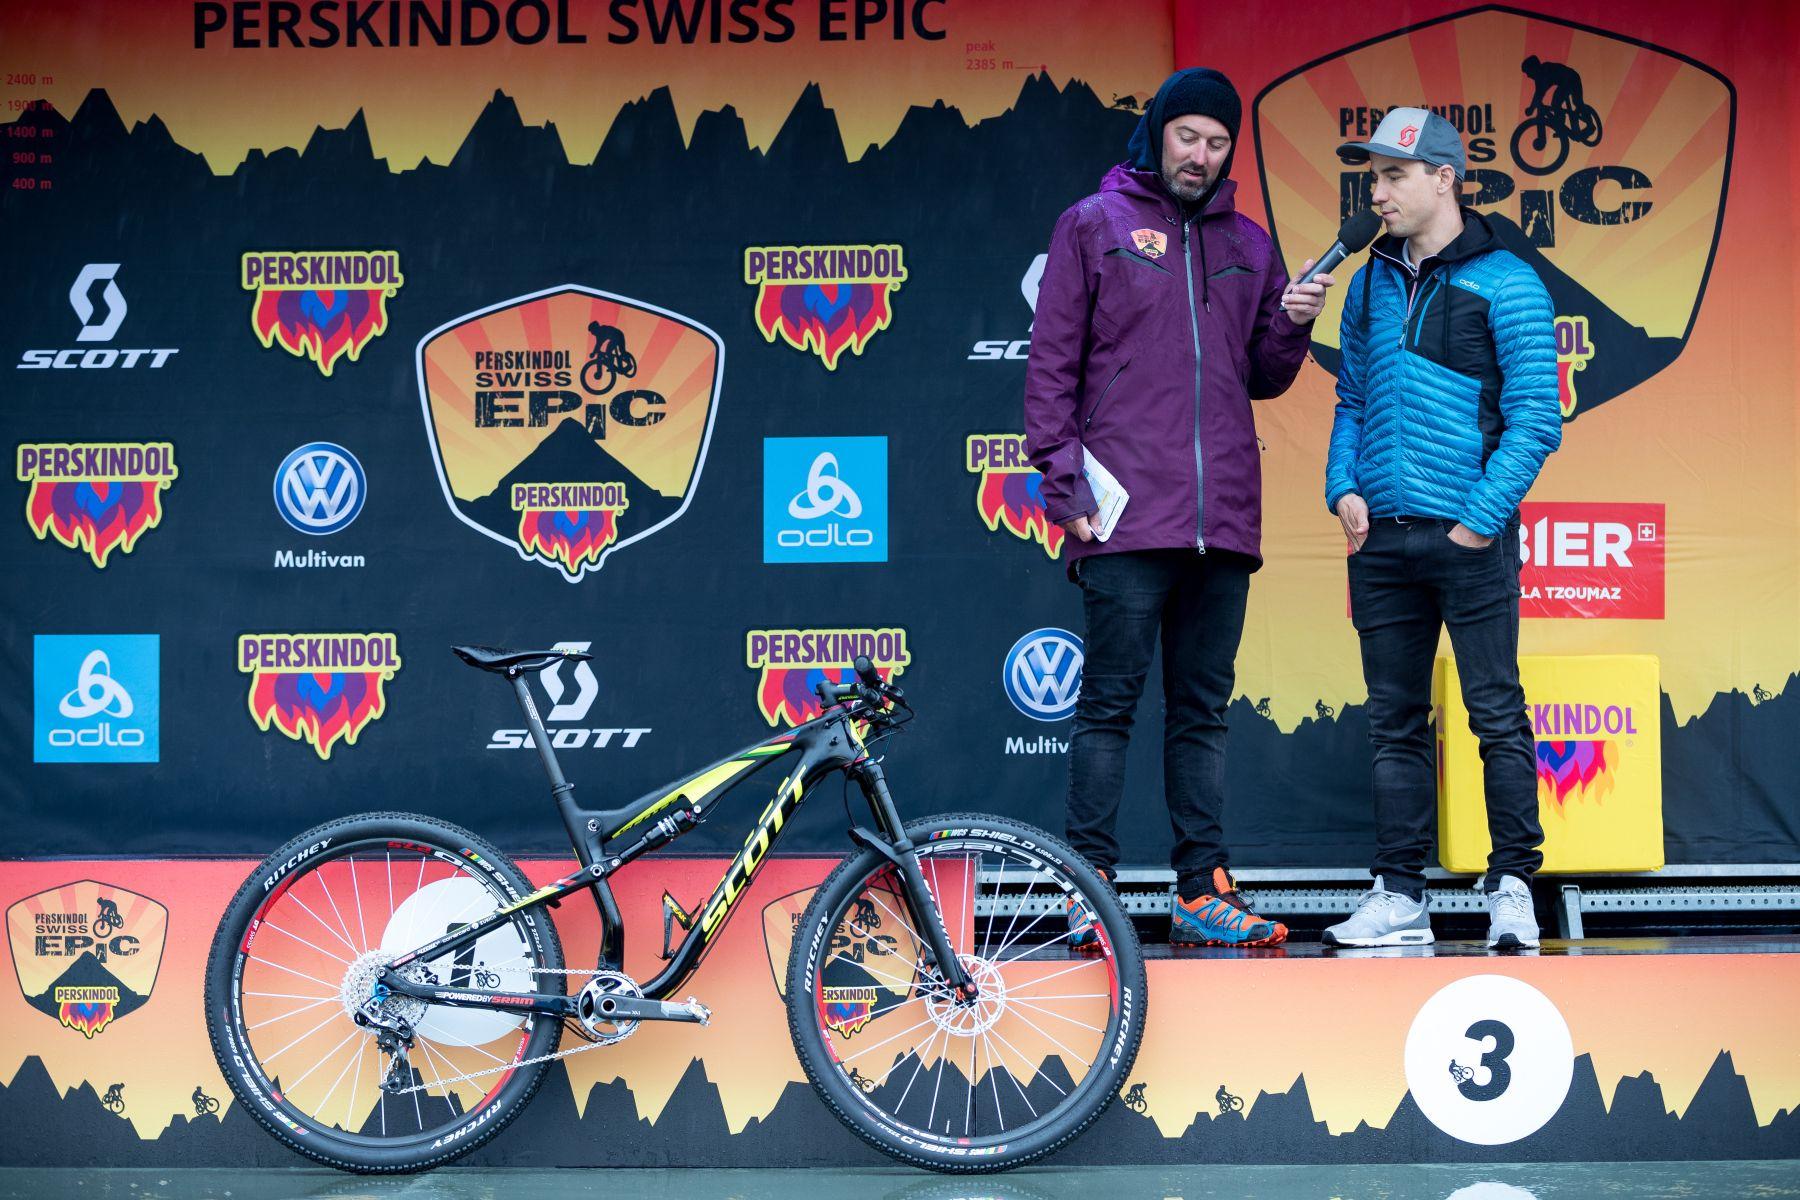 Schurter mirando la Scott Spark de su compañero Stirnemann. Sí, el no llevaba la 2017 como el campeón olímpico.